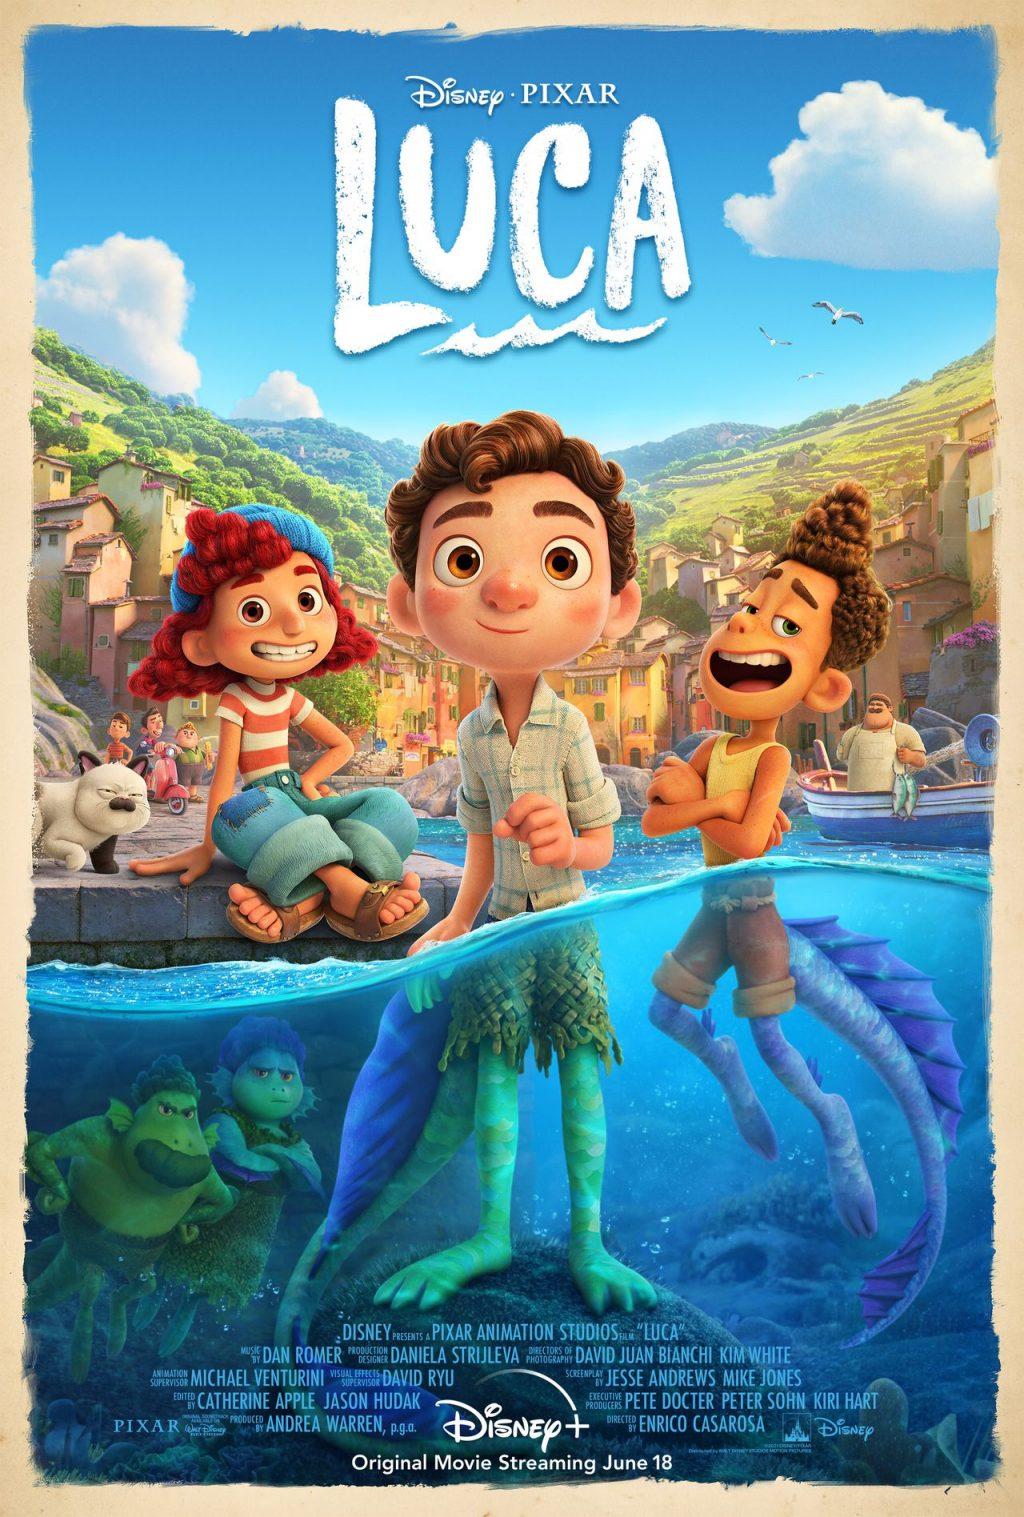 """L'artista nato a Cleveland Heights Jacob Quinzel e l'artista Pixar discutono del nuovo film """"Luca"""", Little Italy e l'importanza degli amici intimi"""